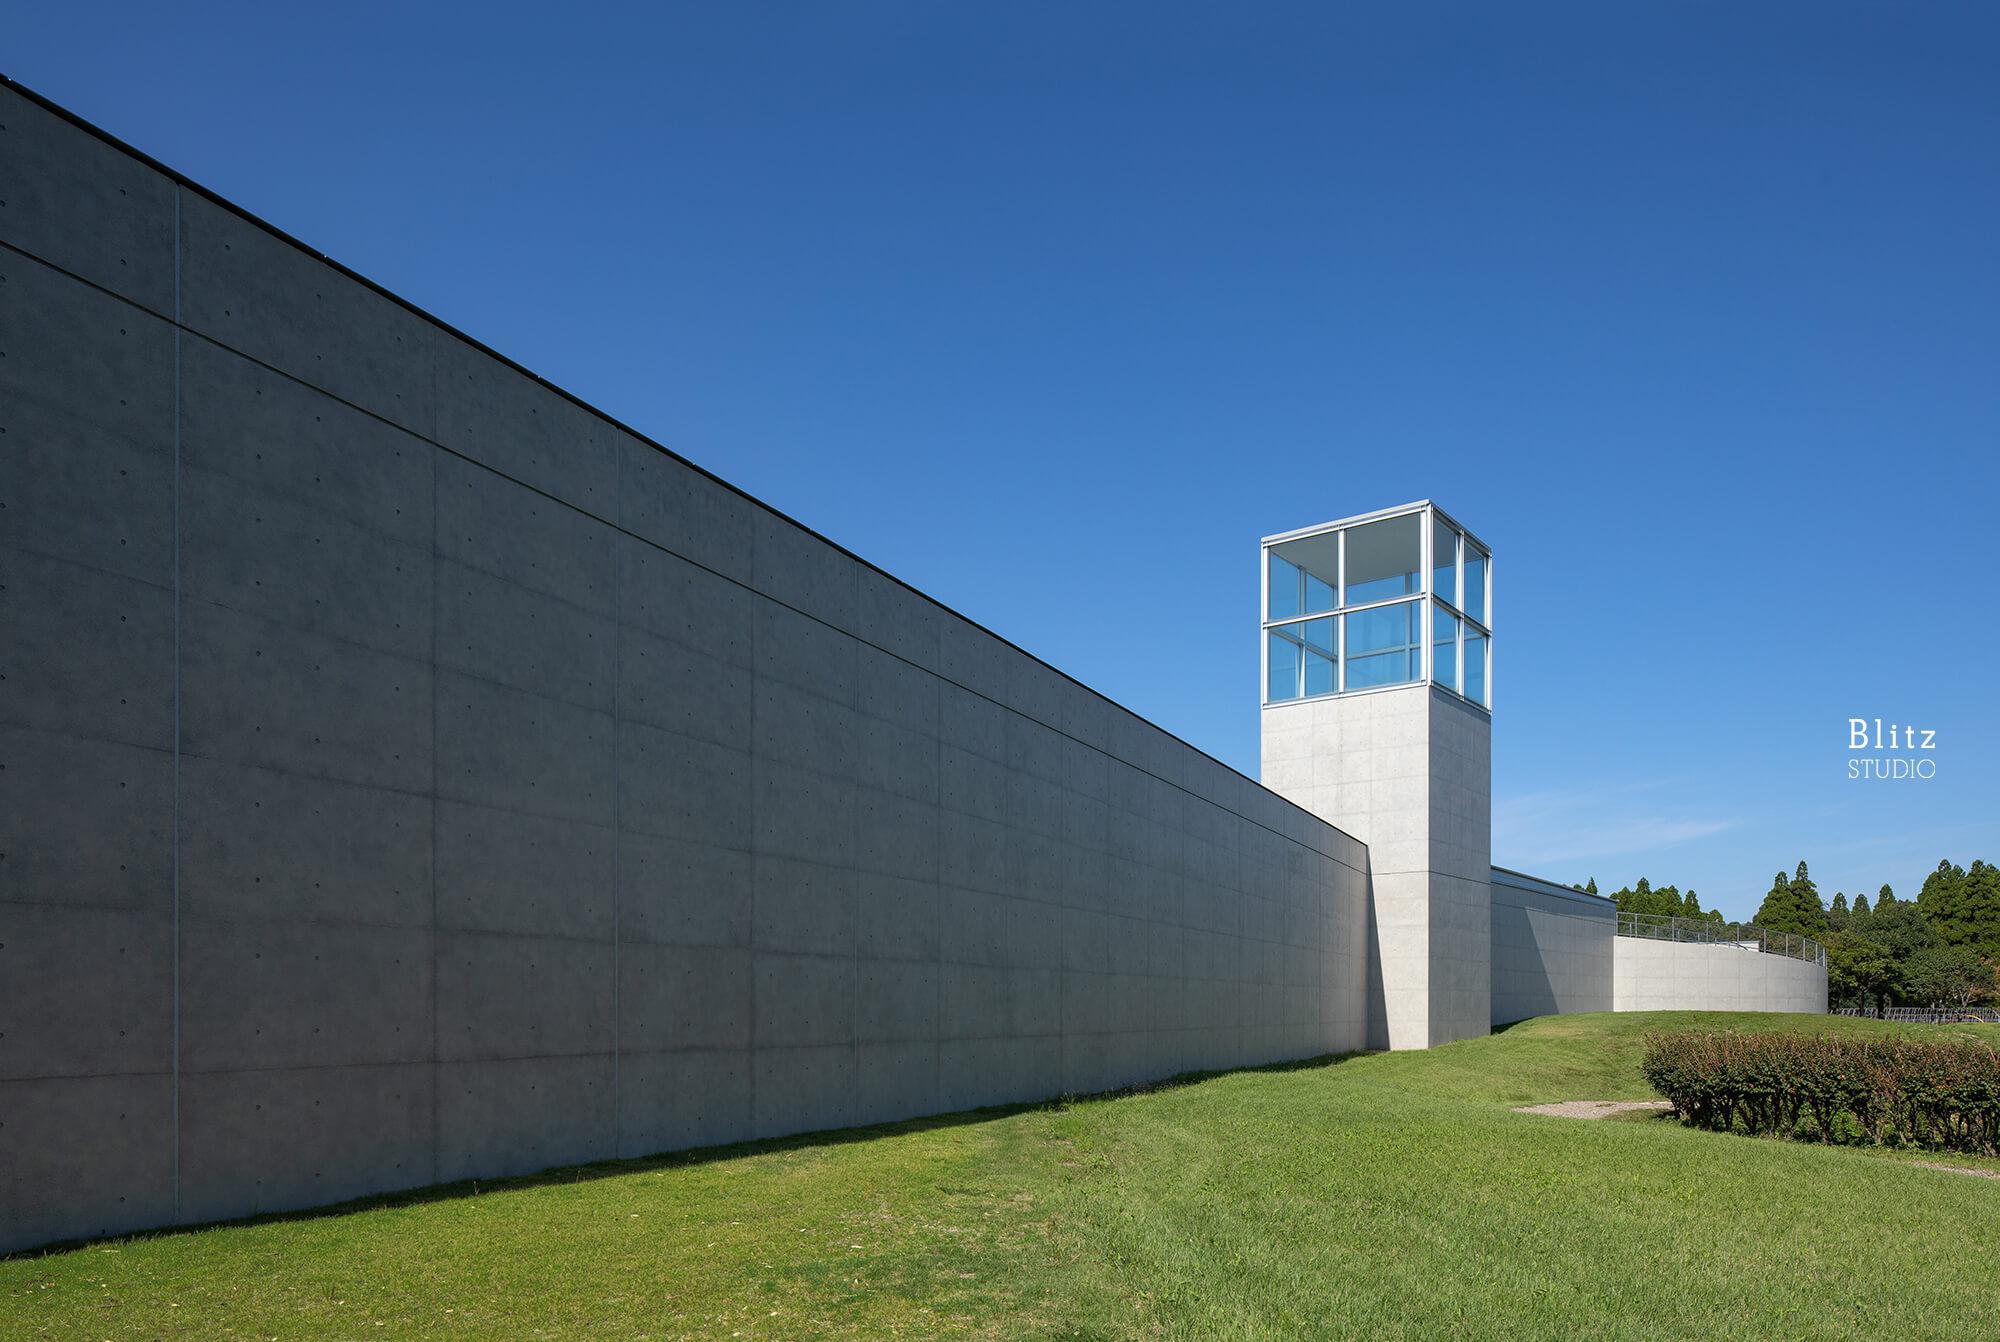 『熊本県立装飾古墳館』-熊本県山鹿市-建築写真・竣工写真・インテリア写真3